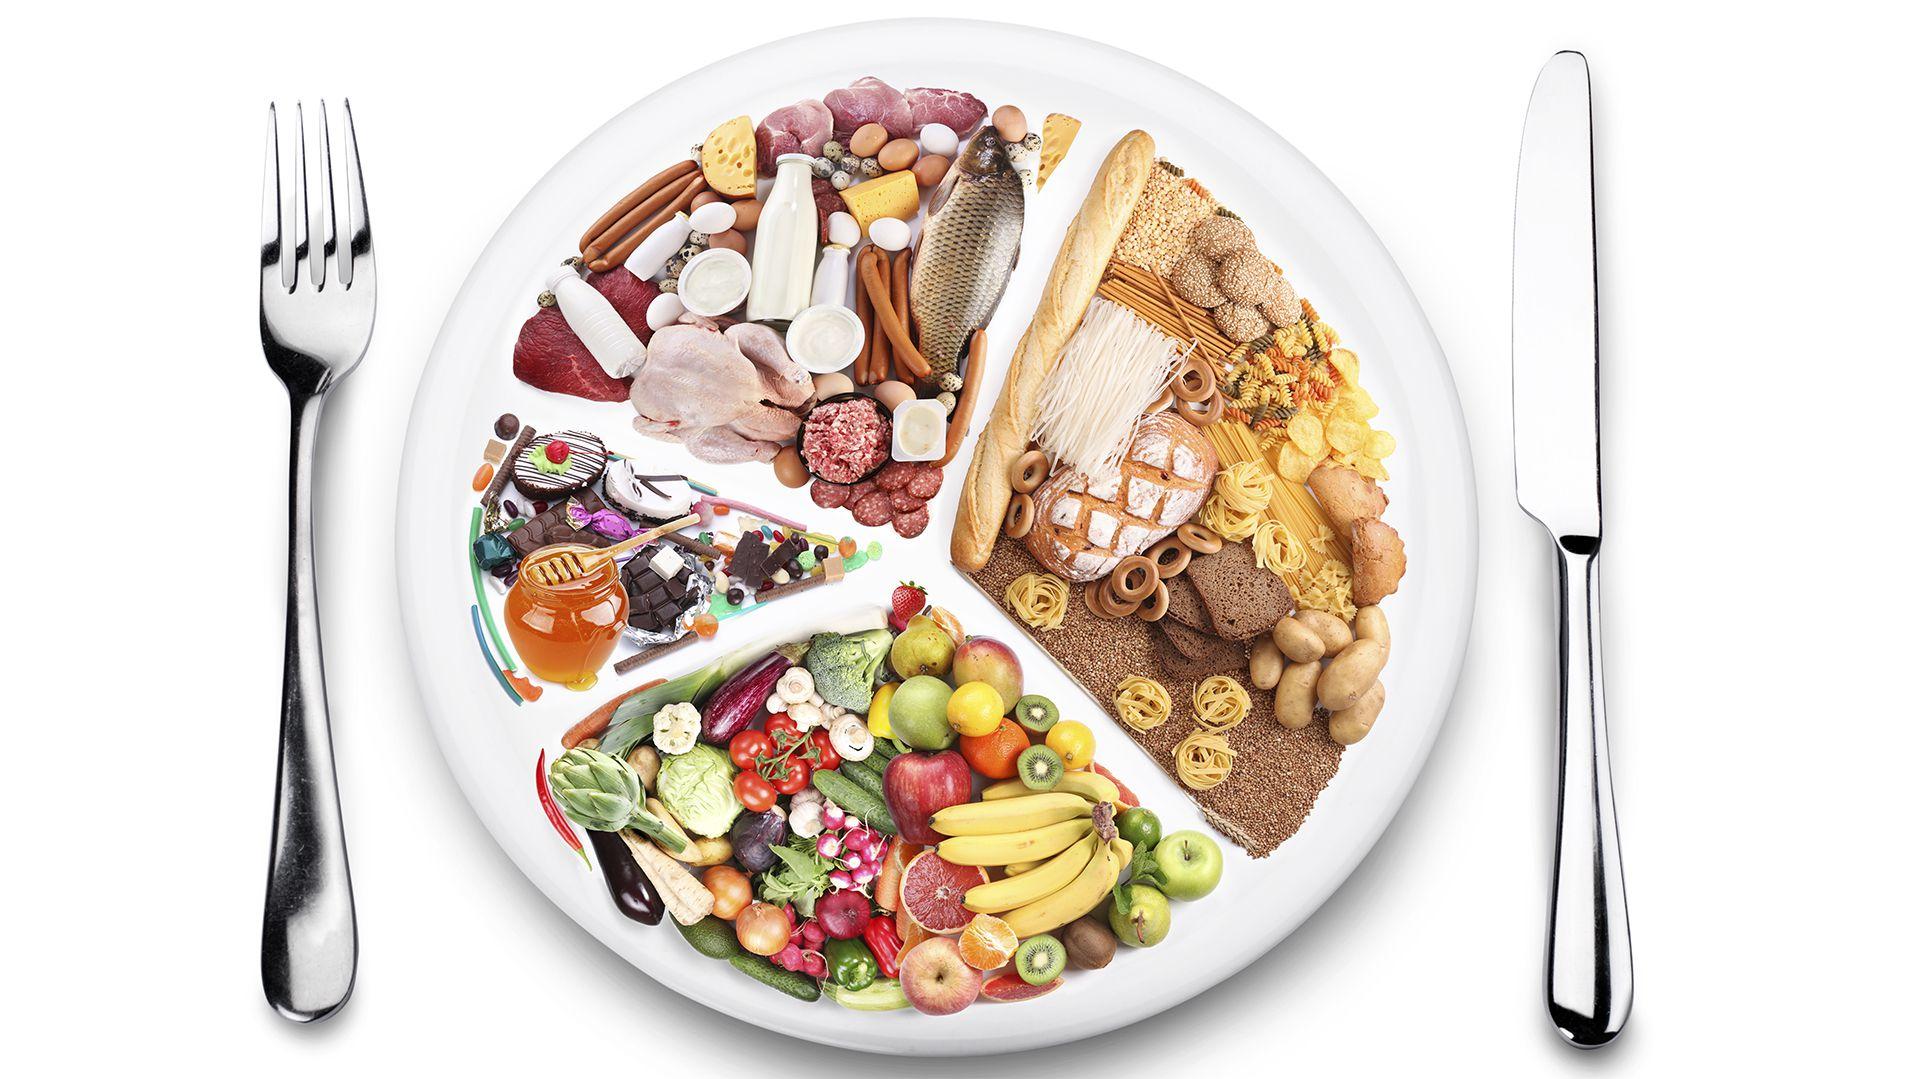 En la dieta diaria no deberán faltar vitaminas como la A, B o la C y oligoelementos como el cobre, el manganeso, el hierro o el zinc  (Shutterstock)